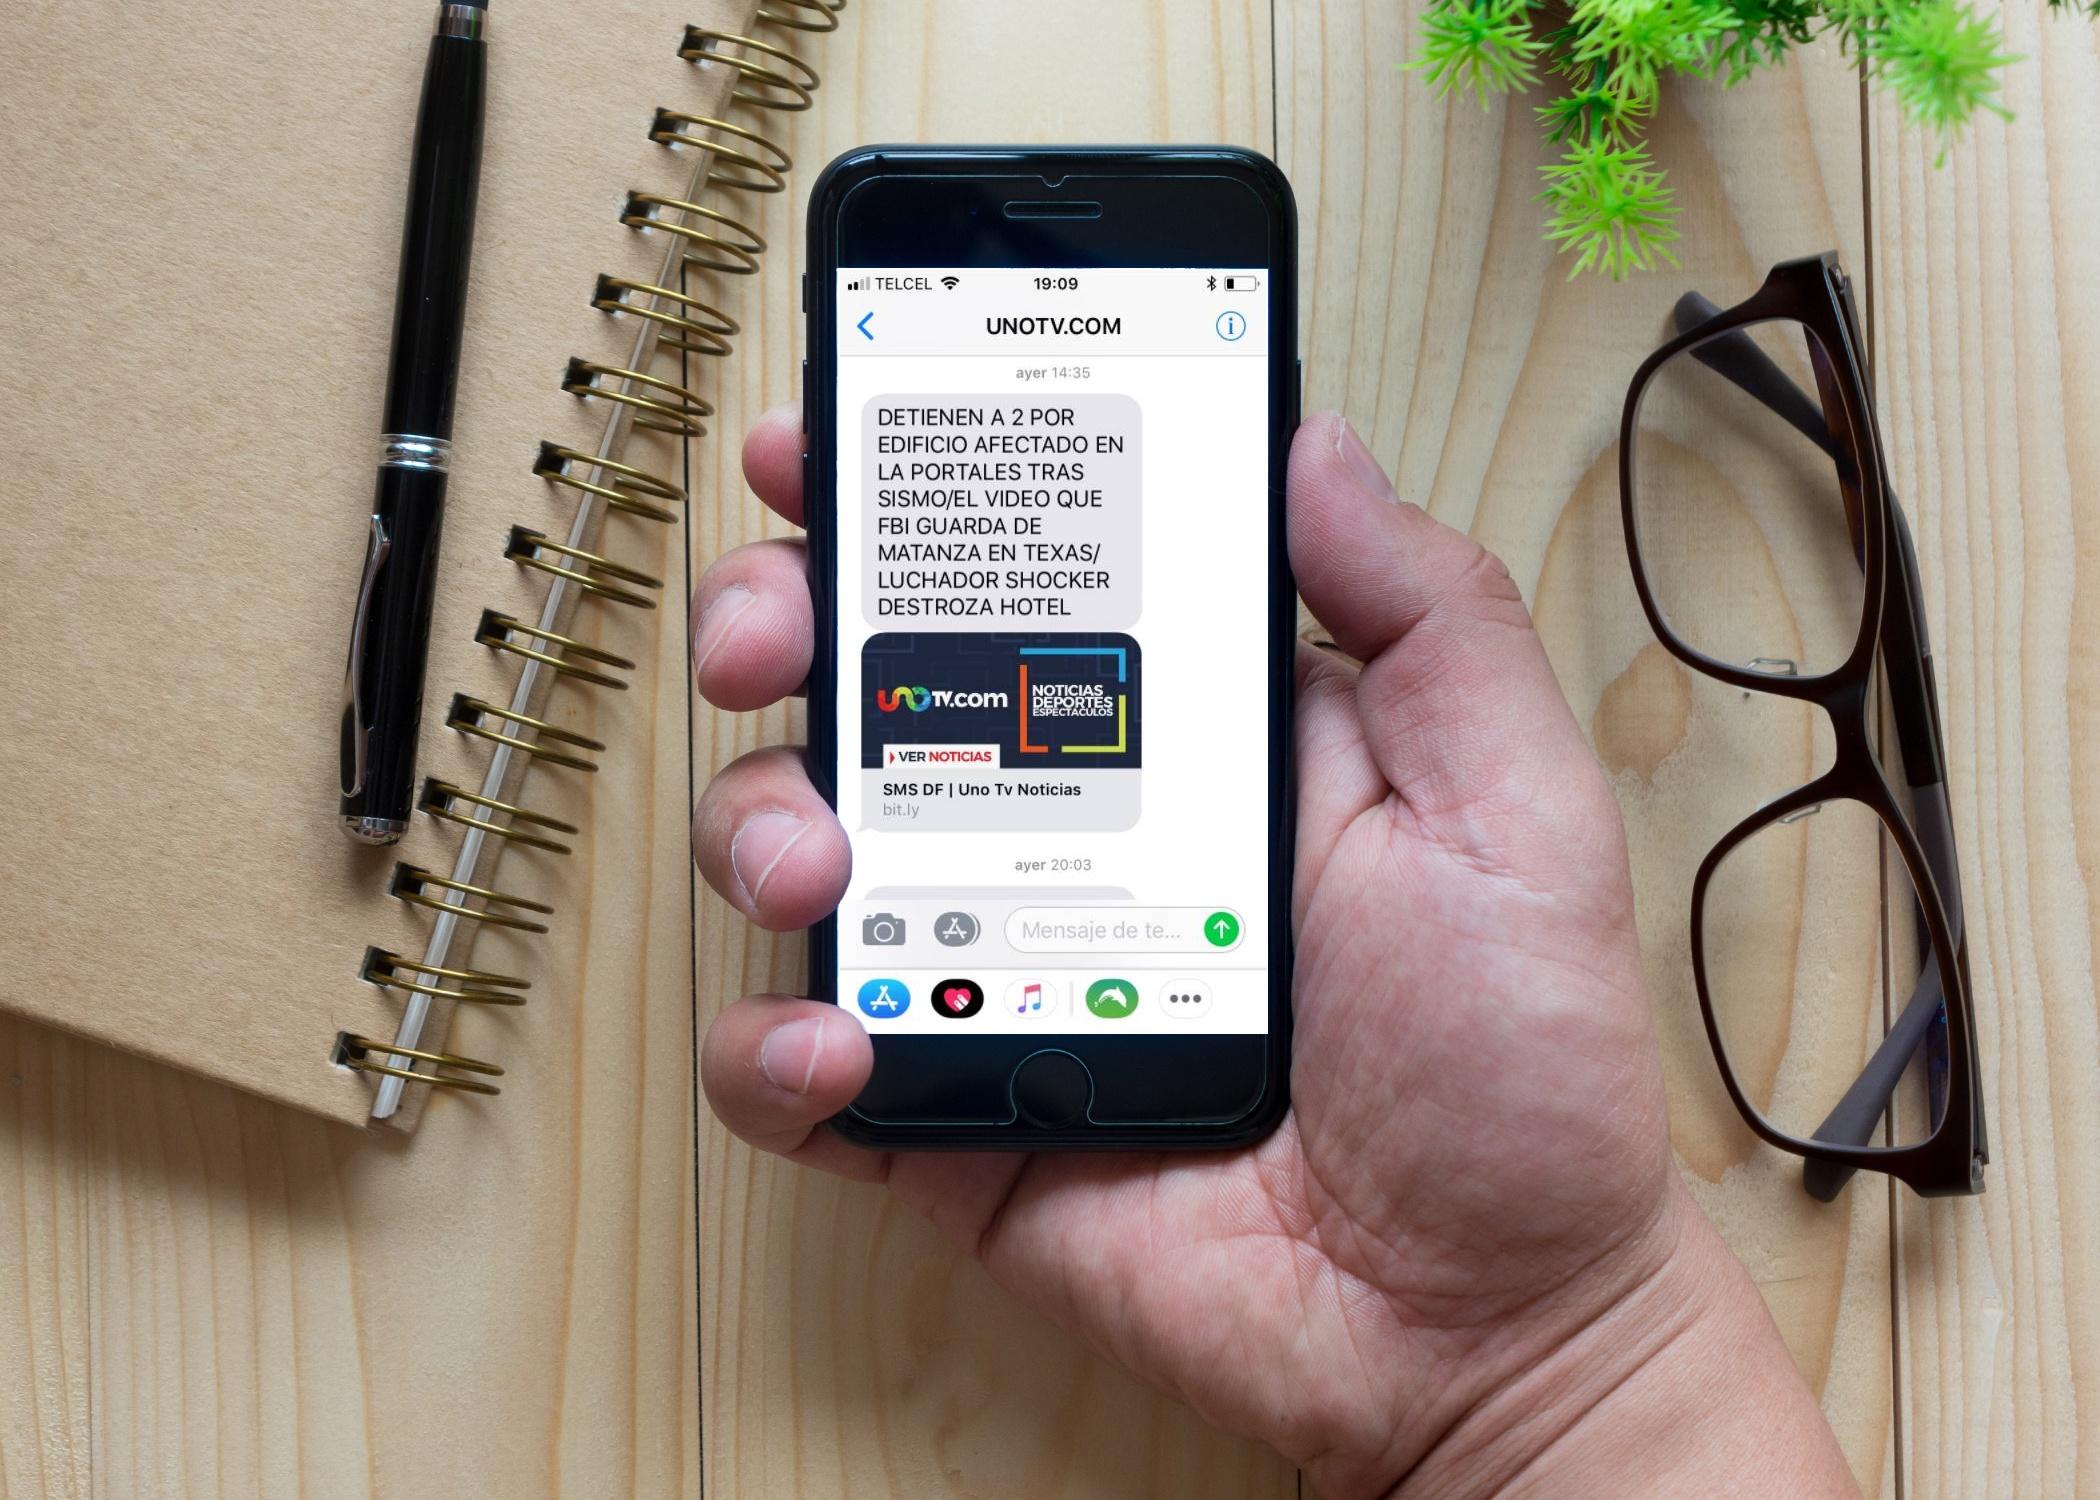 ¿Cómo aprovechar los 160 caracteres del SMS?